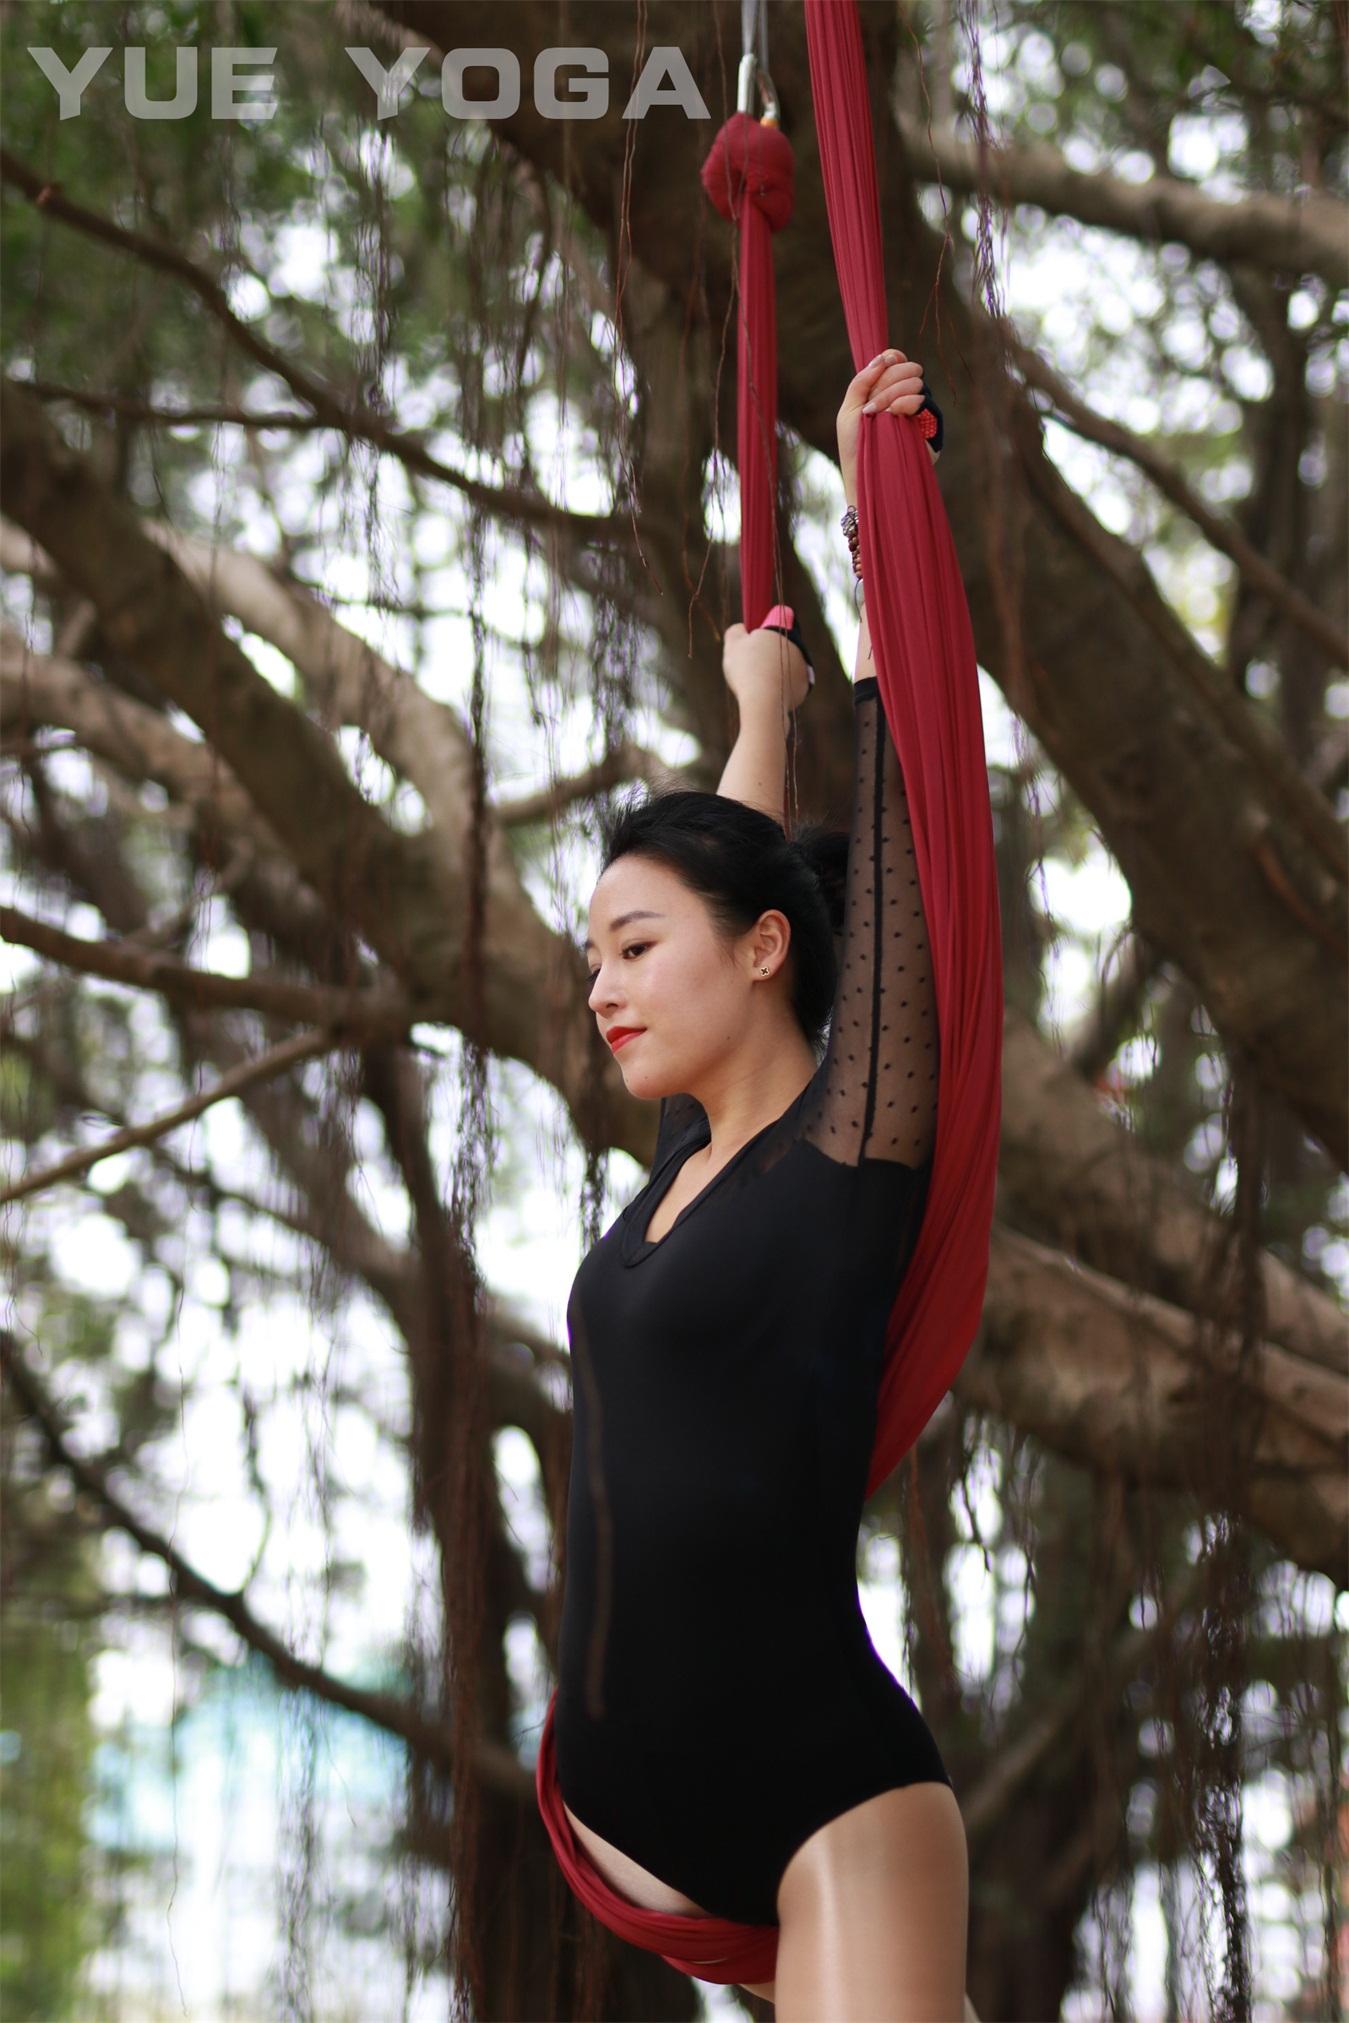 记录一场力量与美的盛宴「瑜伽摄影」